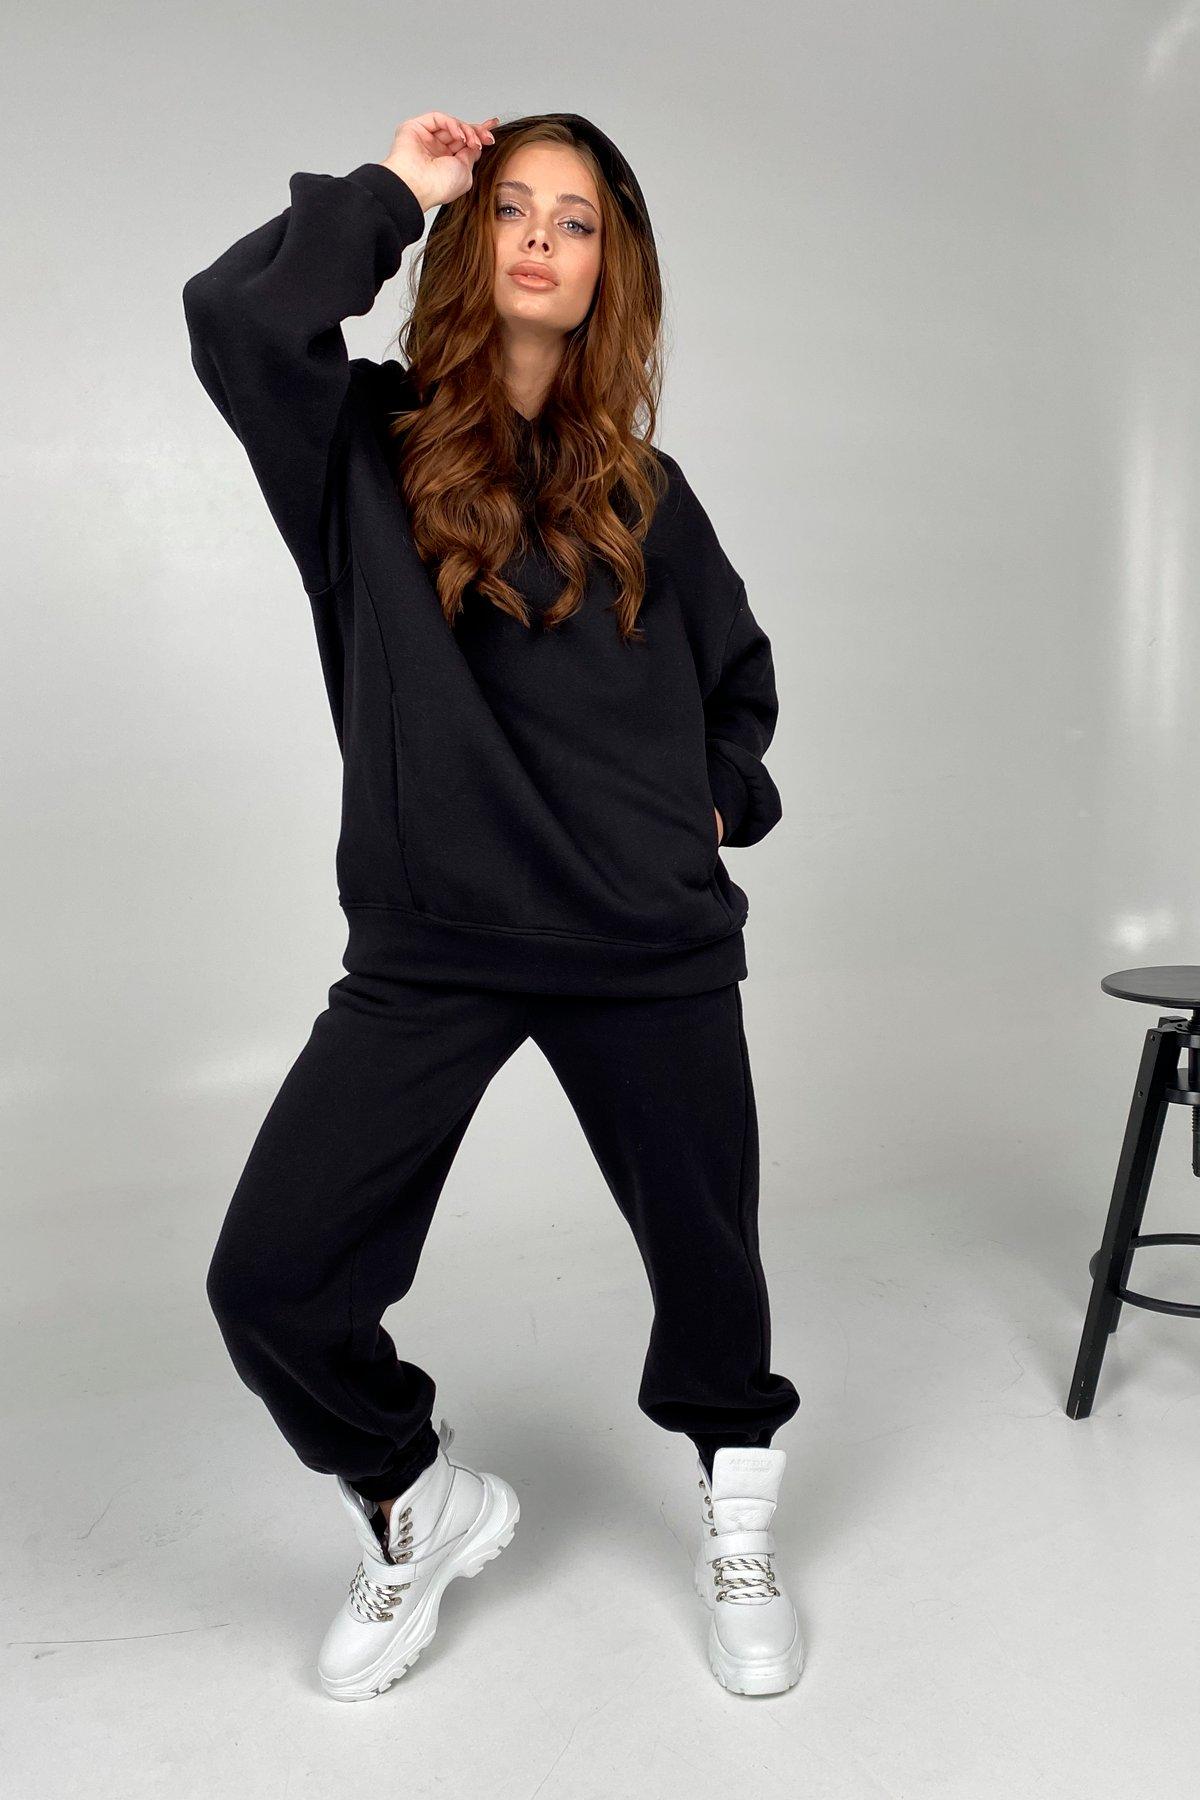 Марион костюм в  стиле Oversize  3х нитка 9651 АРТ. 45953 Цвет: Черный - фото 3, интернет магазин tm-modus.ru